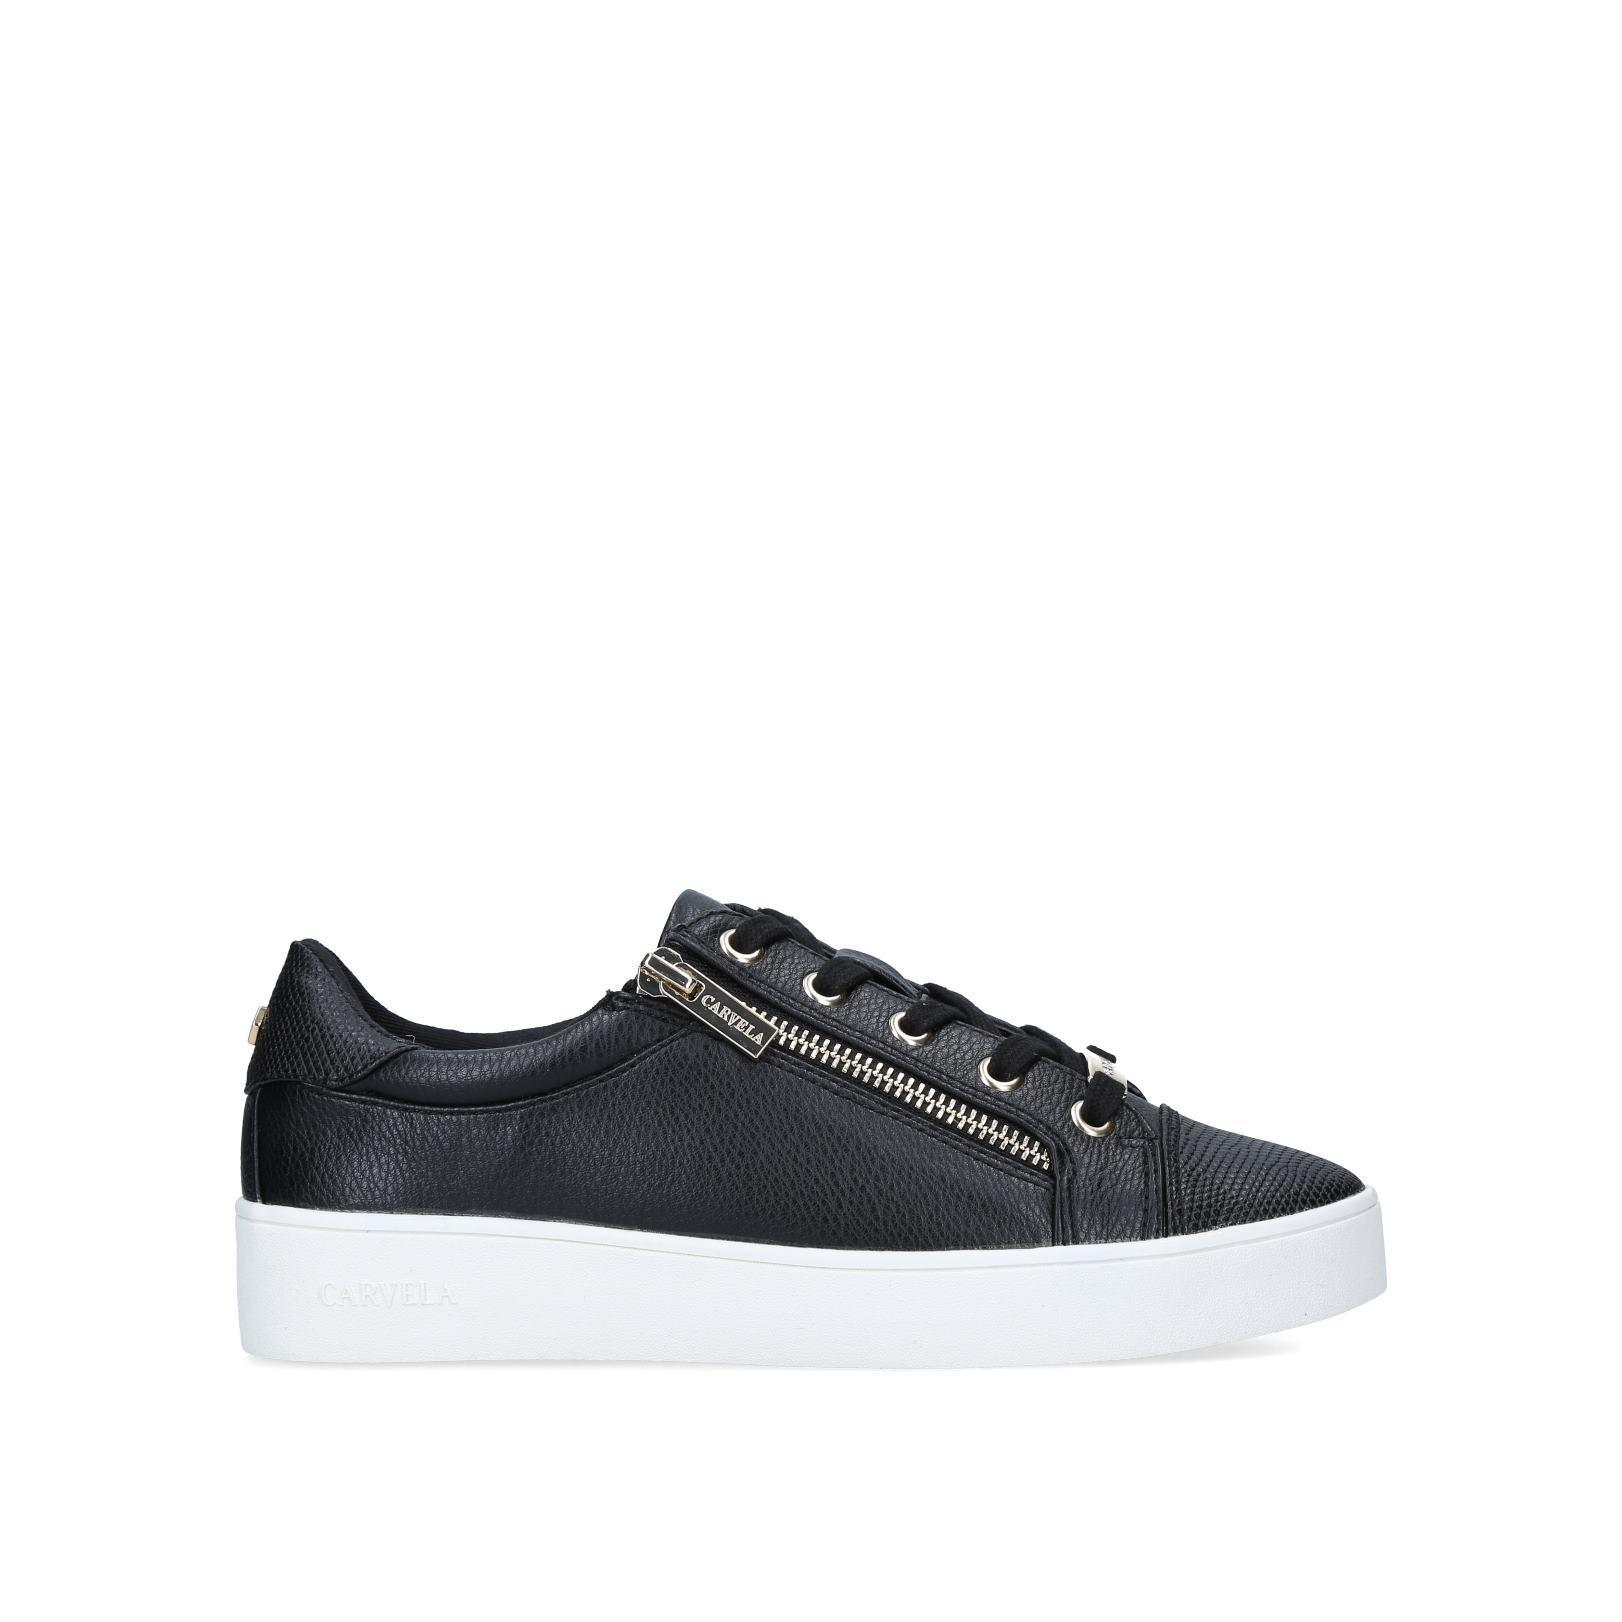 JAGGED - CARVELA Sneakers